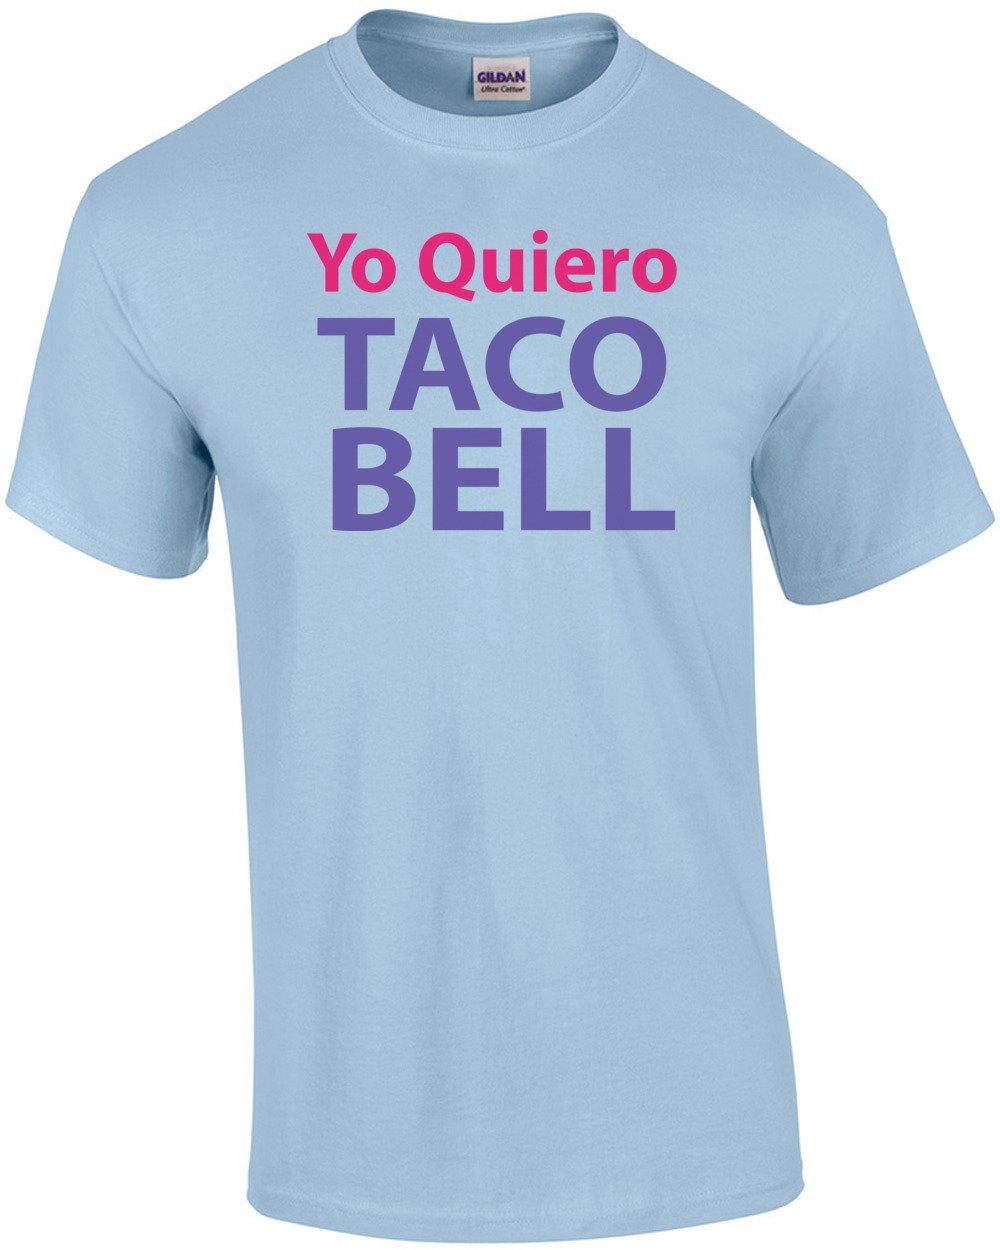 Yo Quiero Taco Bell T Shirt